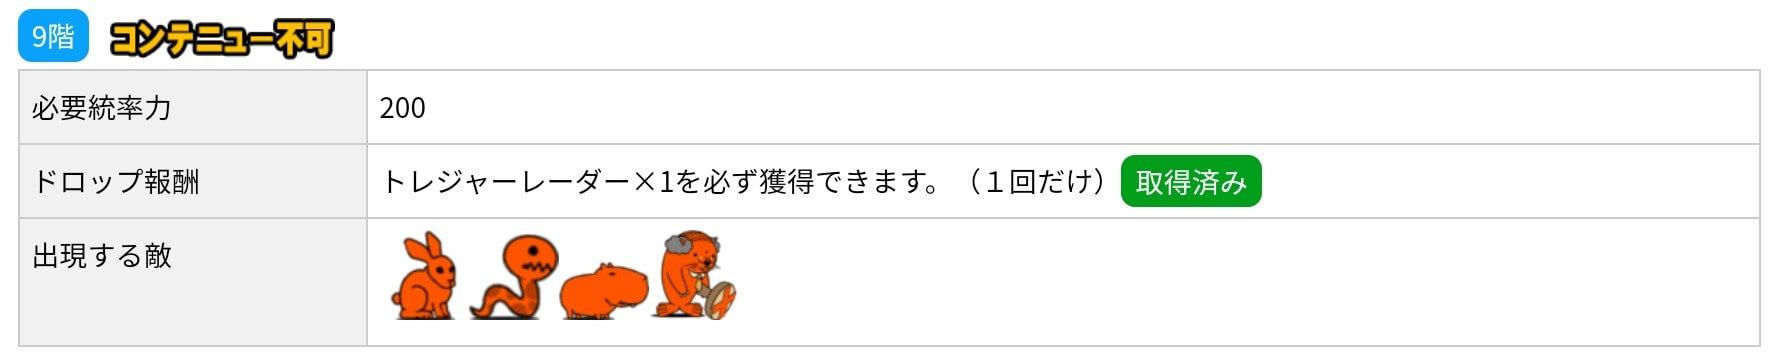 にゃんこ別塔(赤)9階 敵編成